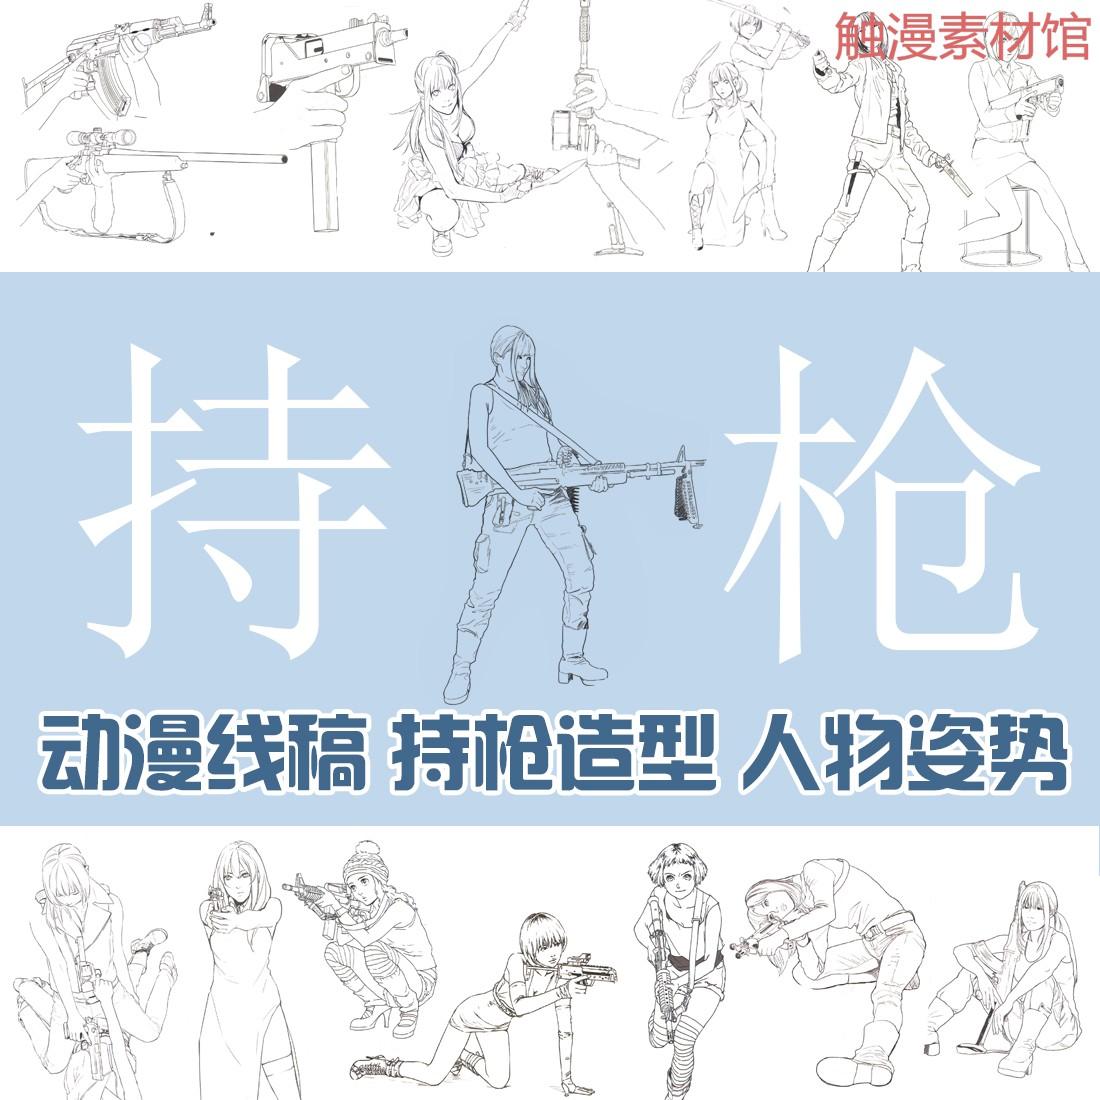 各种漫画 持枪和刀格斗姿势 动漫线稿 绘画参考素材 速写临摹素材,可领取元淘宝优惠券